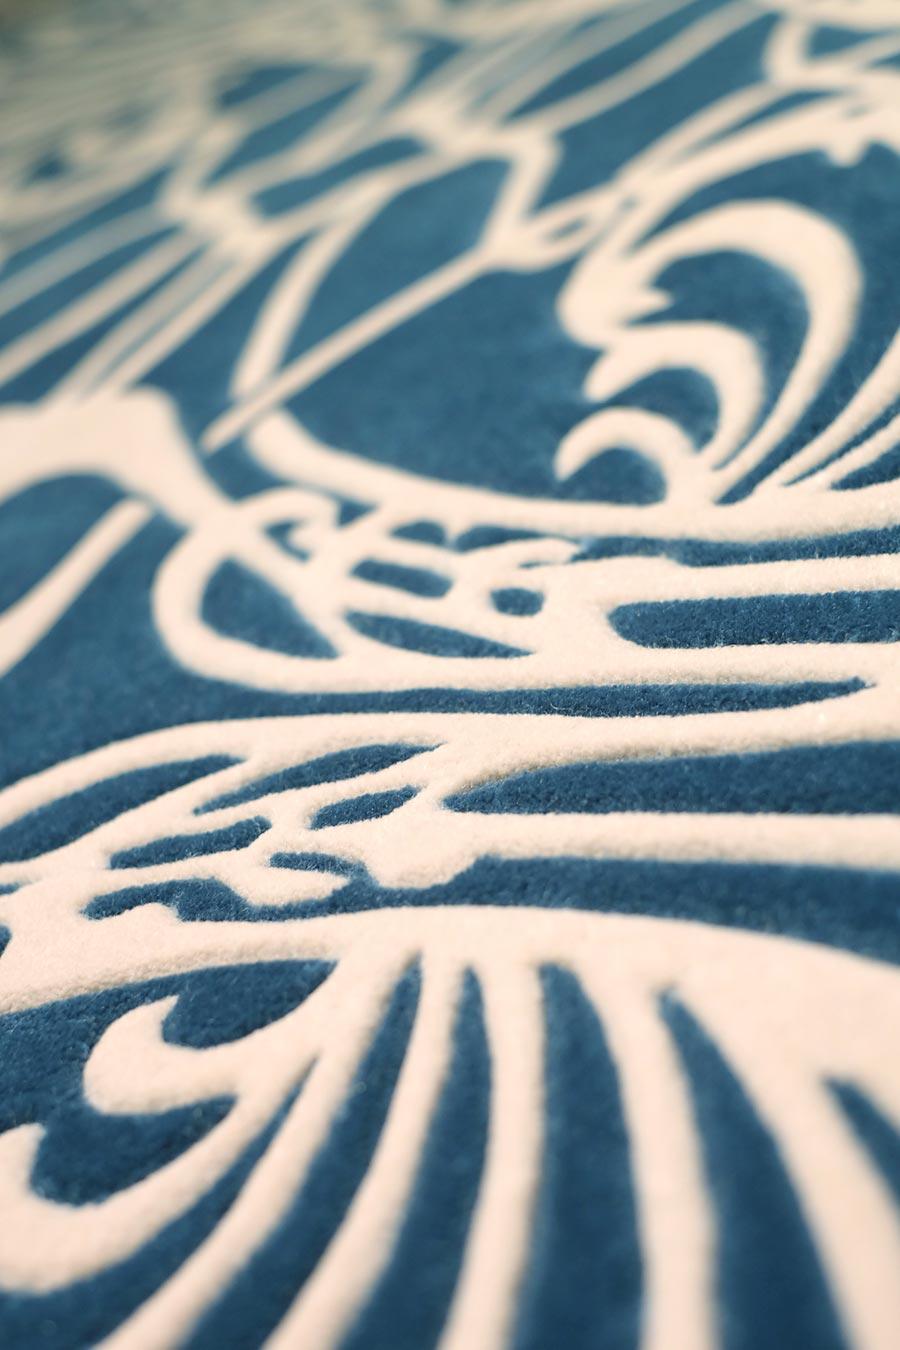 Detailed image of art nouveau Metropolitan rug in blue colour